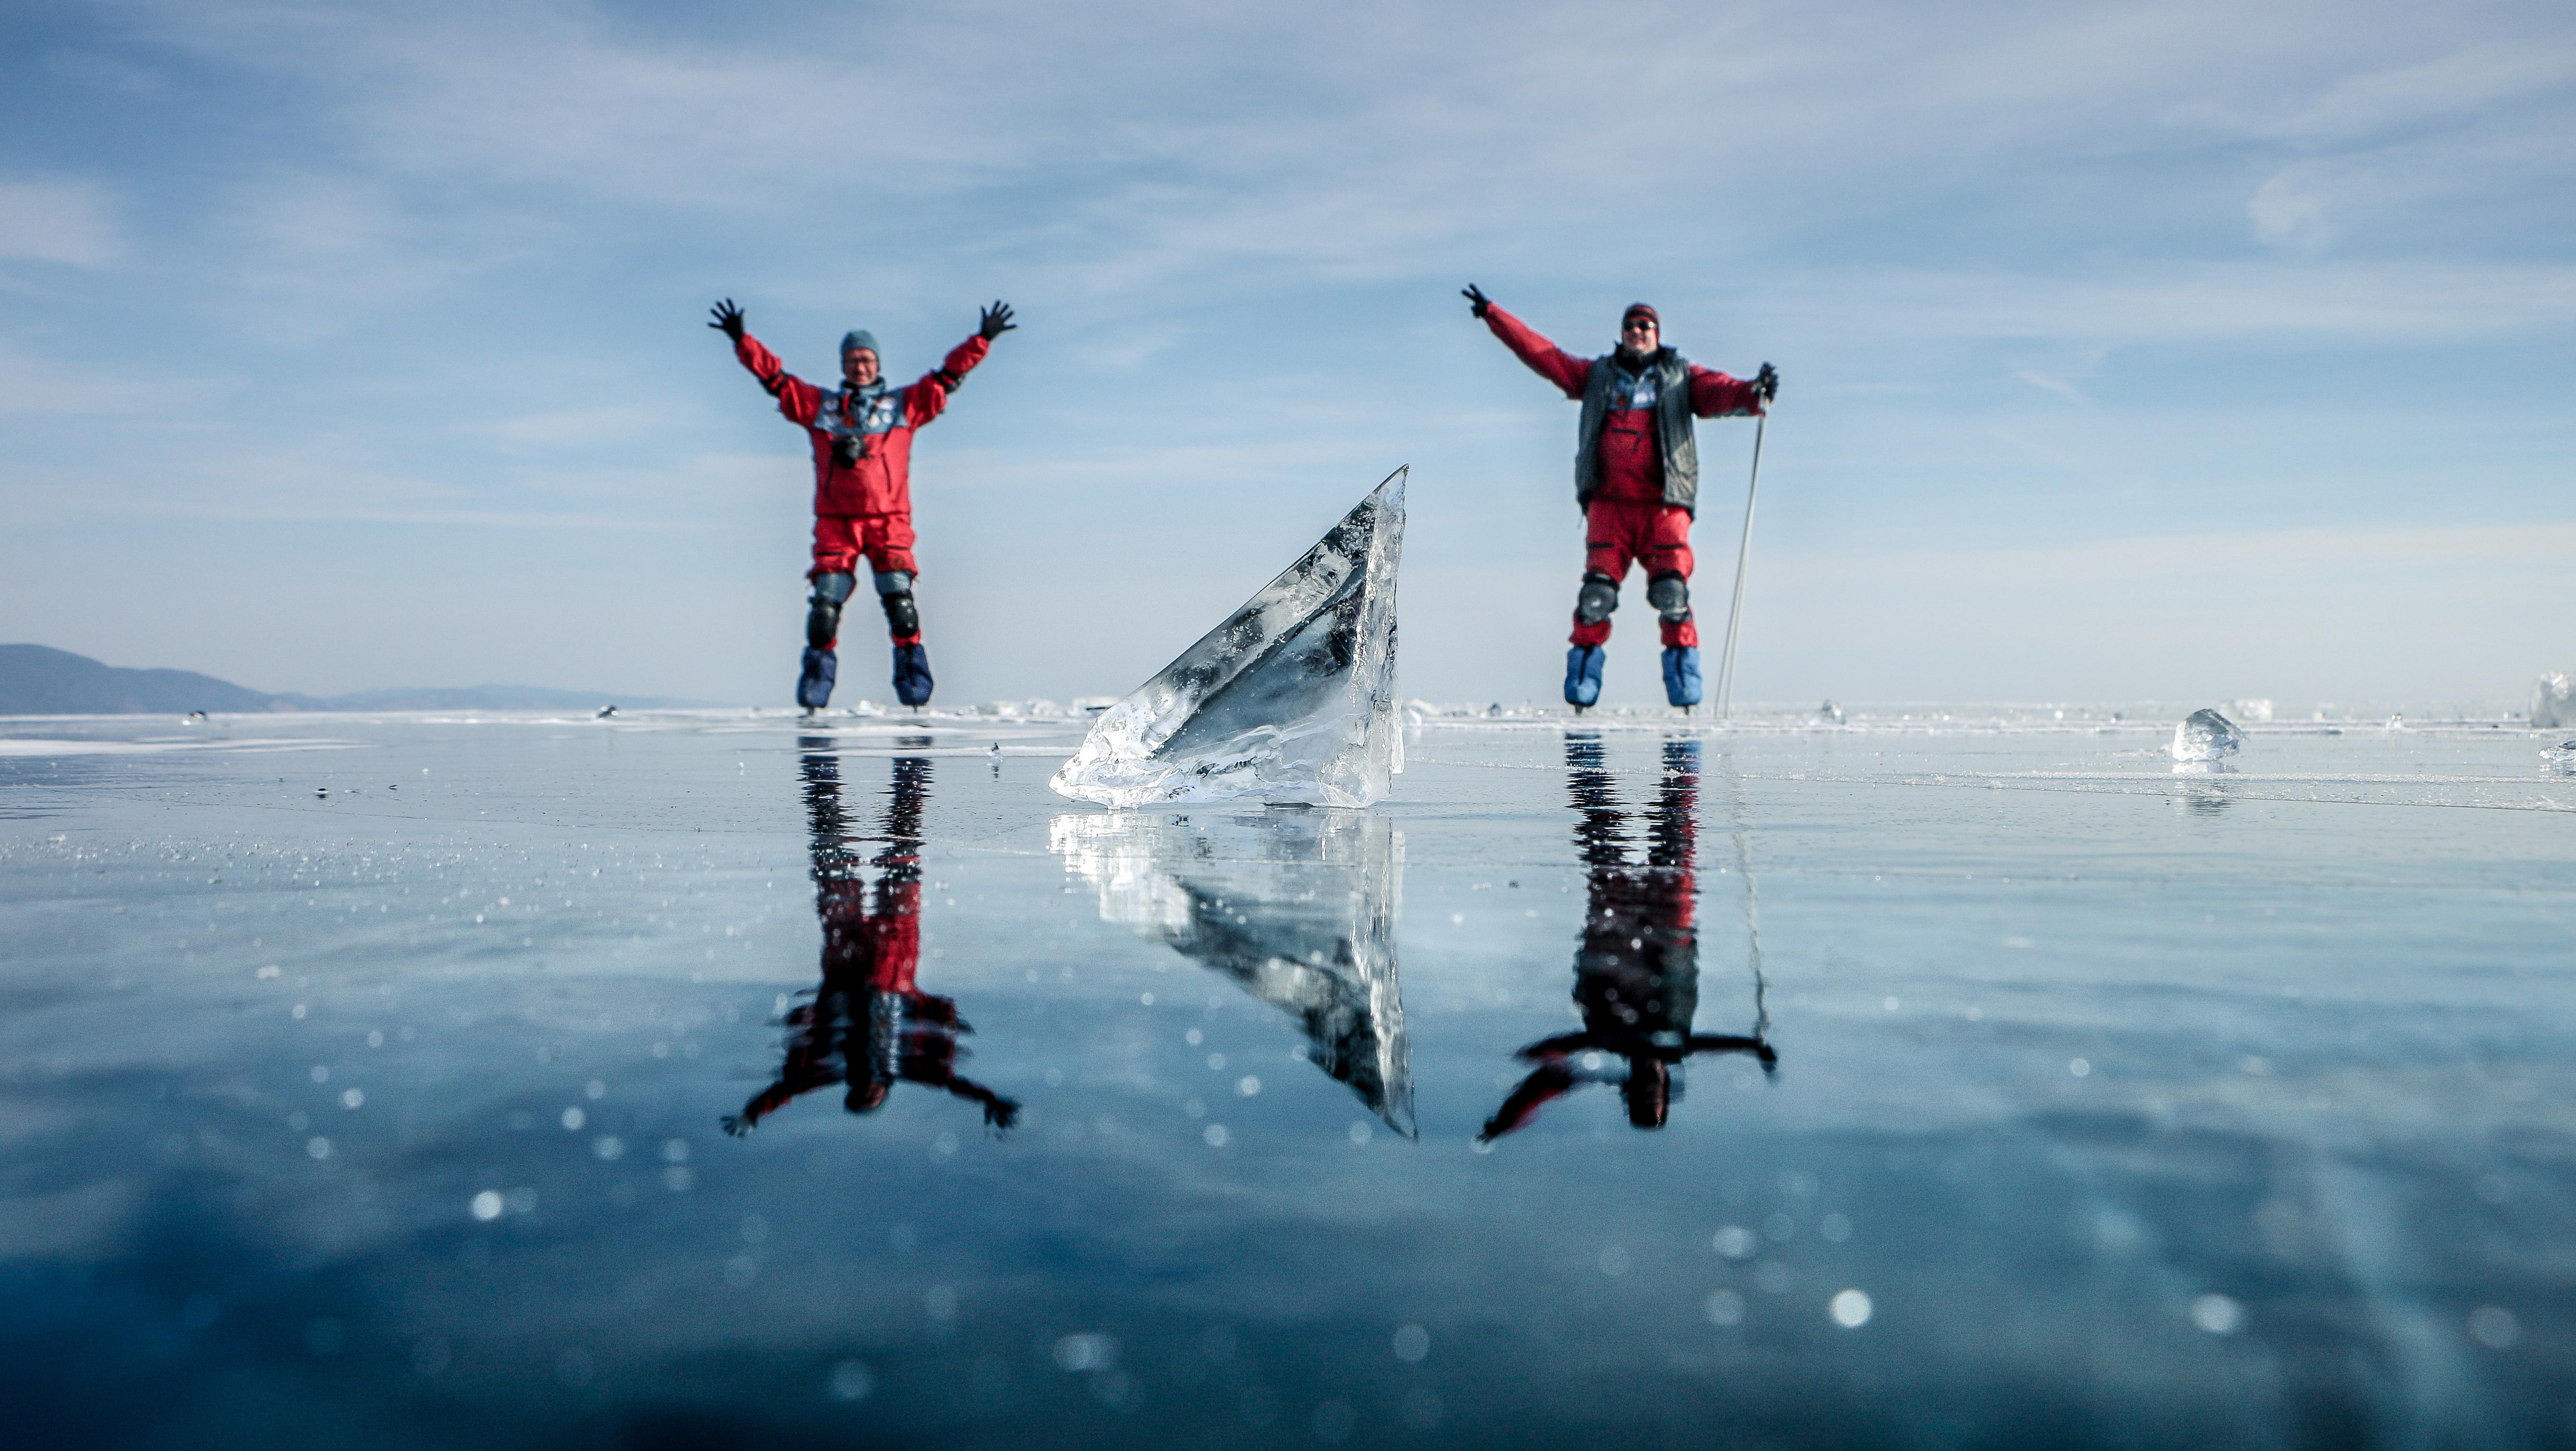 У нас есть коньки, парашюты и пара недель. История удивительного путешествия по льду Байкала